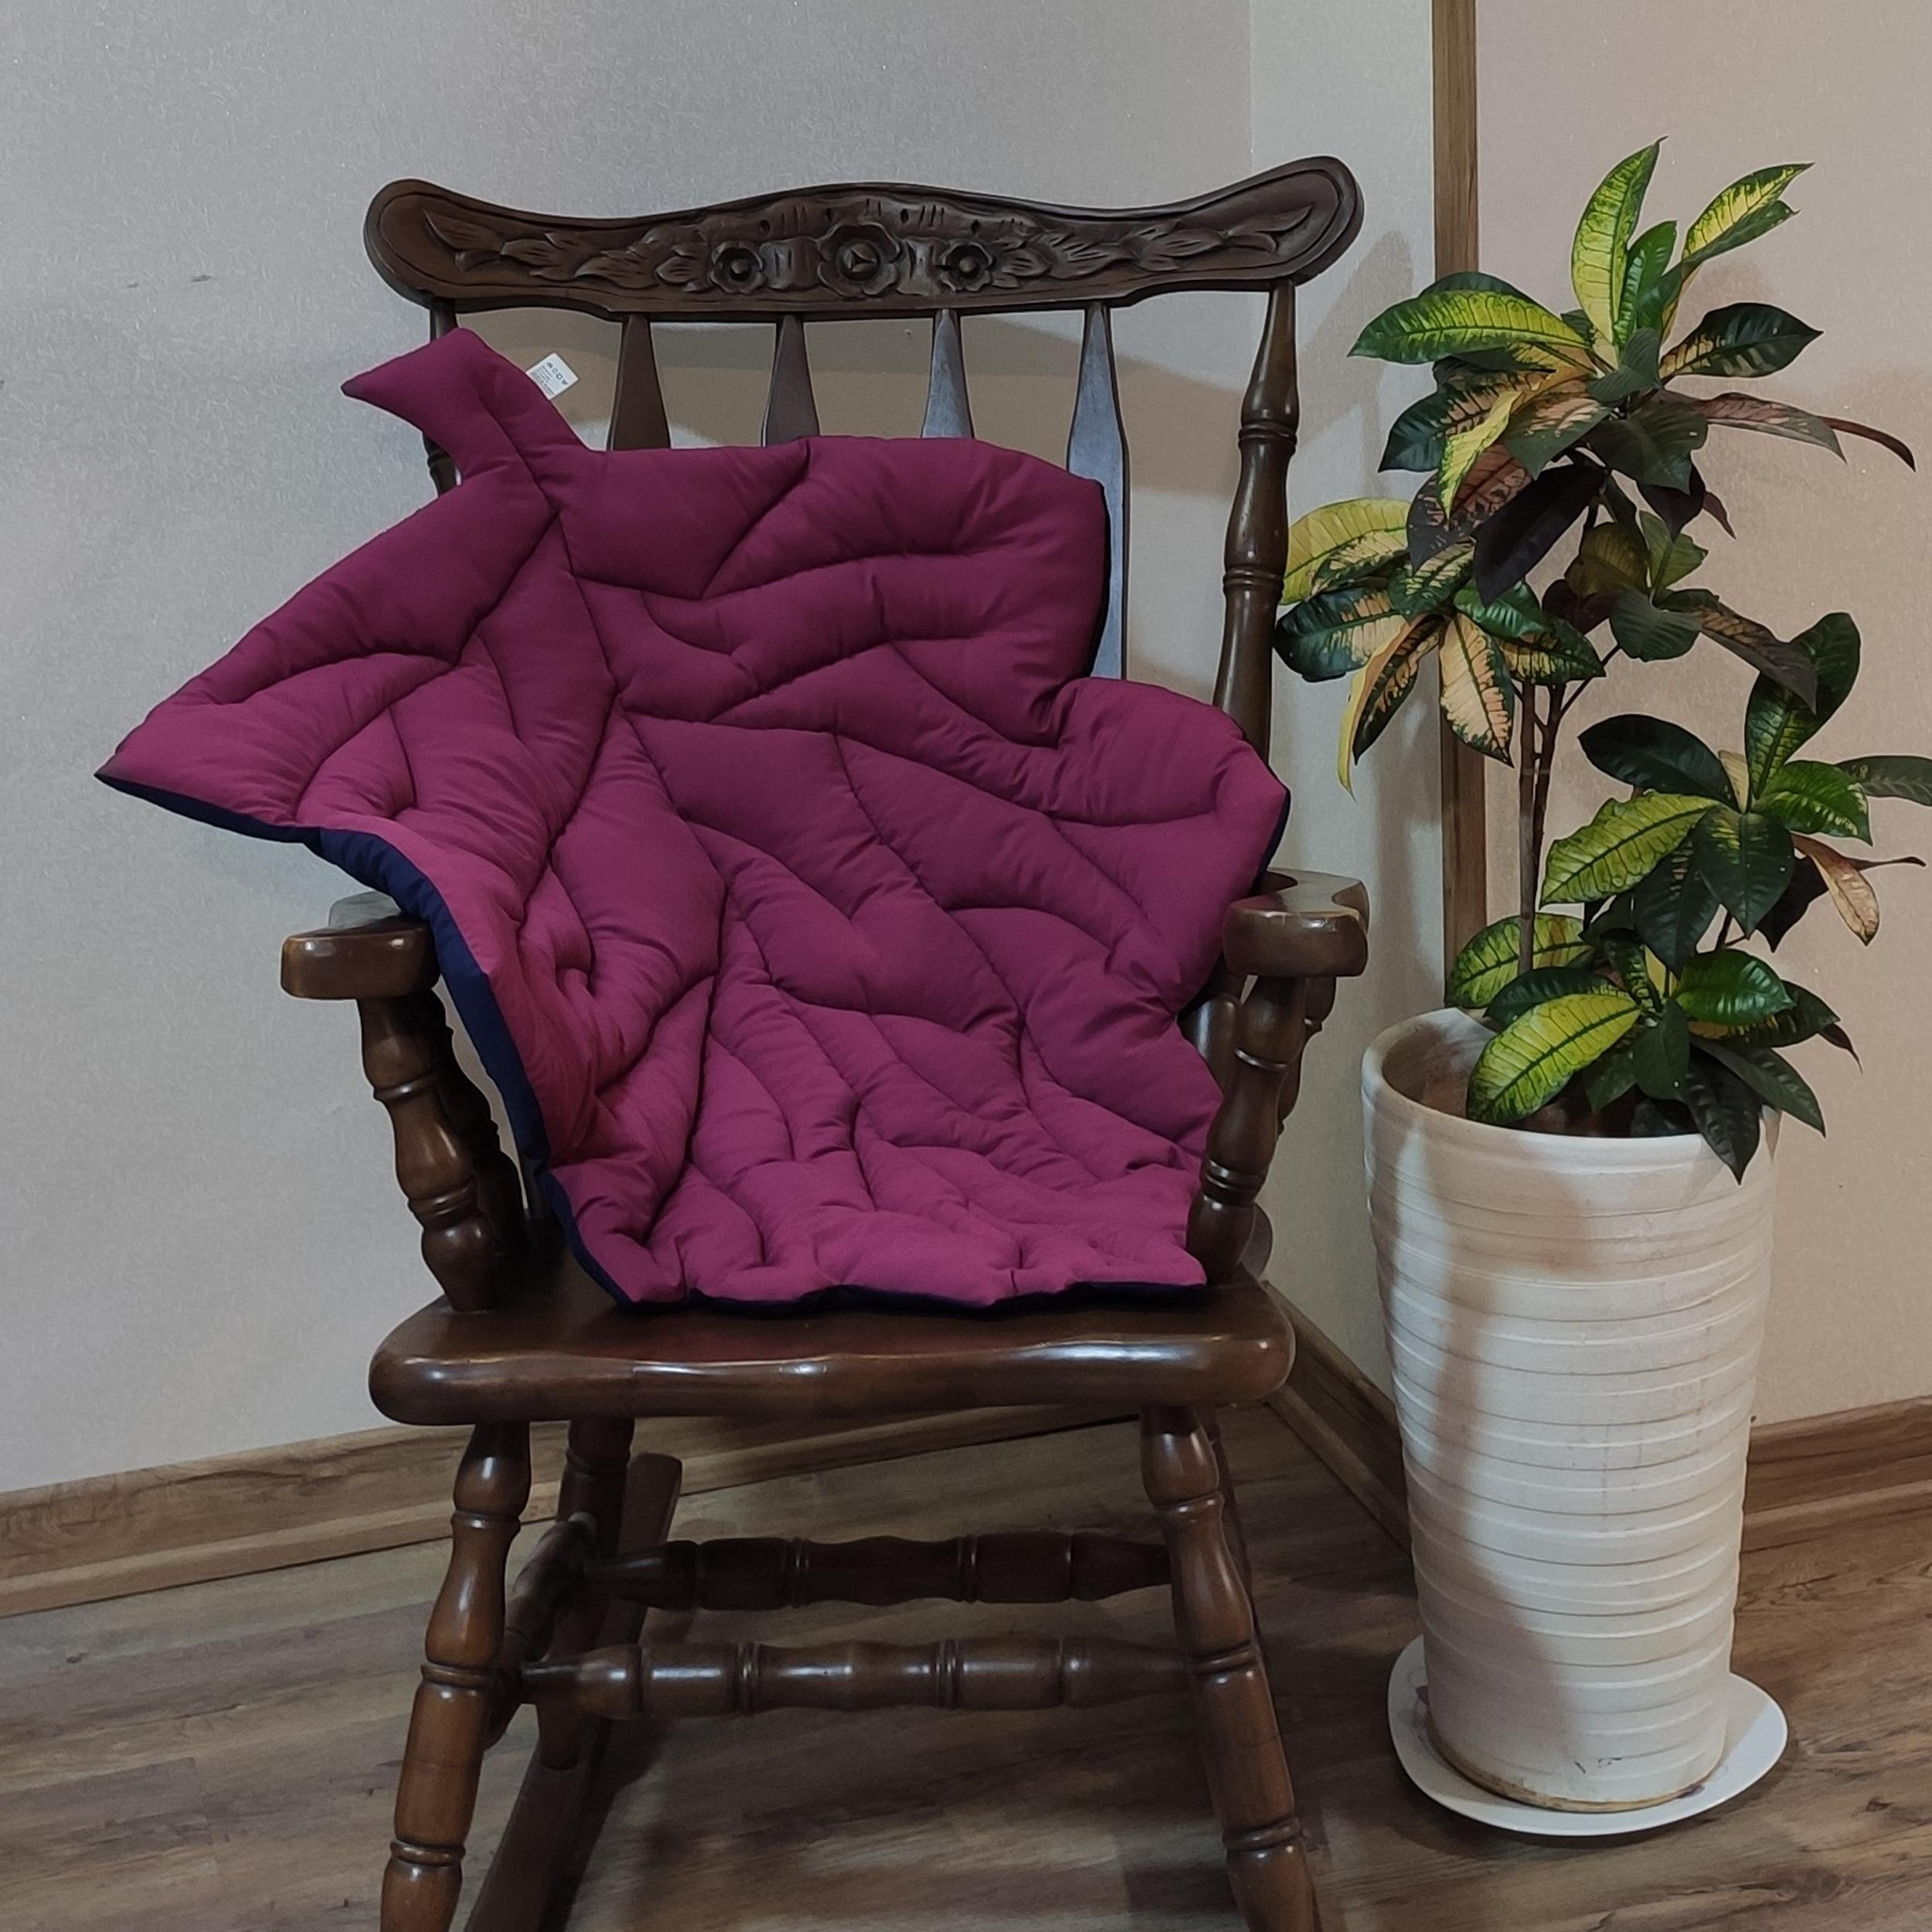 شال مبل و تخت مدل برگ تابستانی کد 0201-4